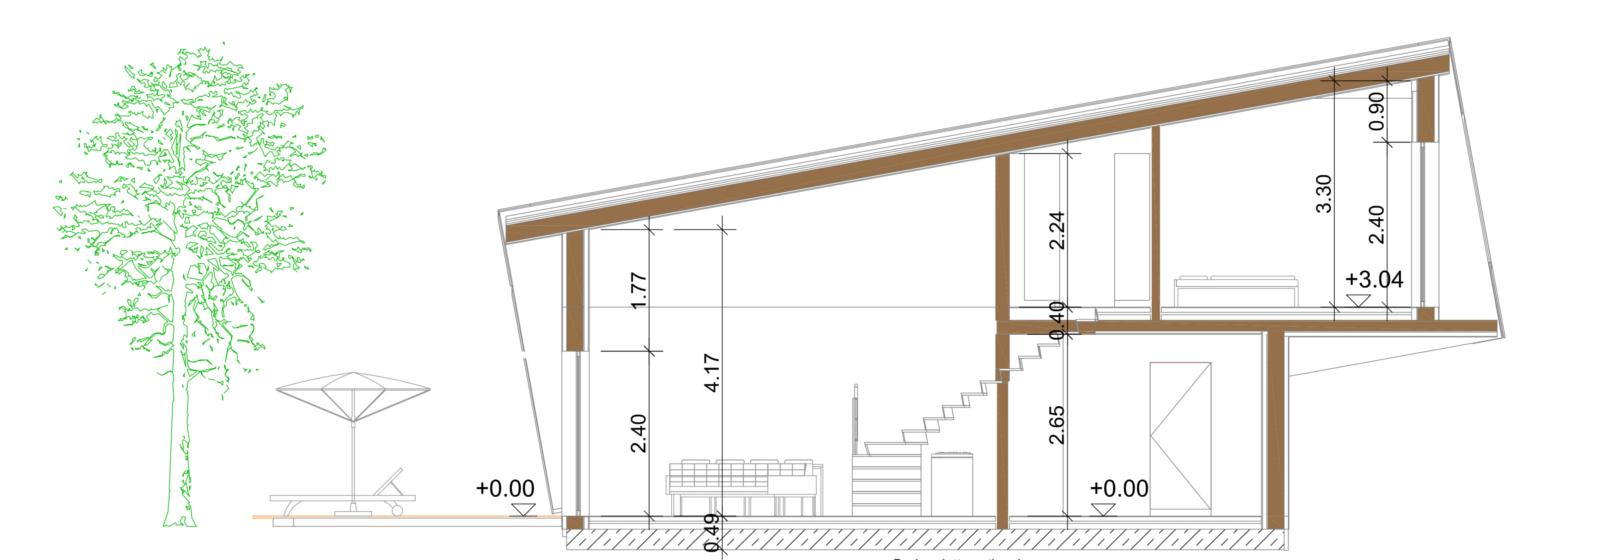 Smart-Loft für Individualisten Schnitt Grundriss energieeffizientes intelligentes Gebäudekonzept von Designer Gerold Peham